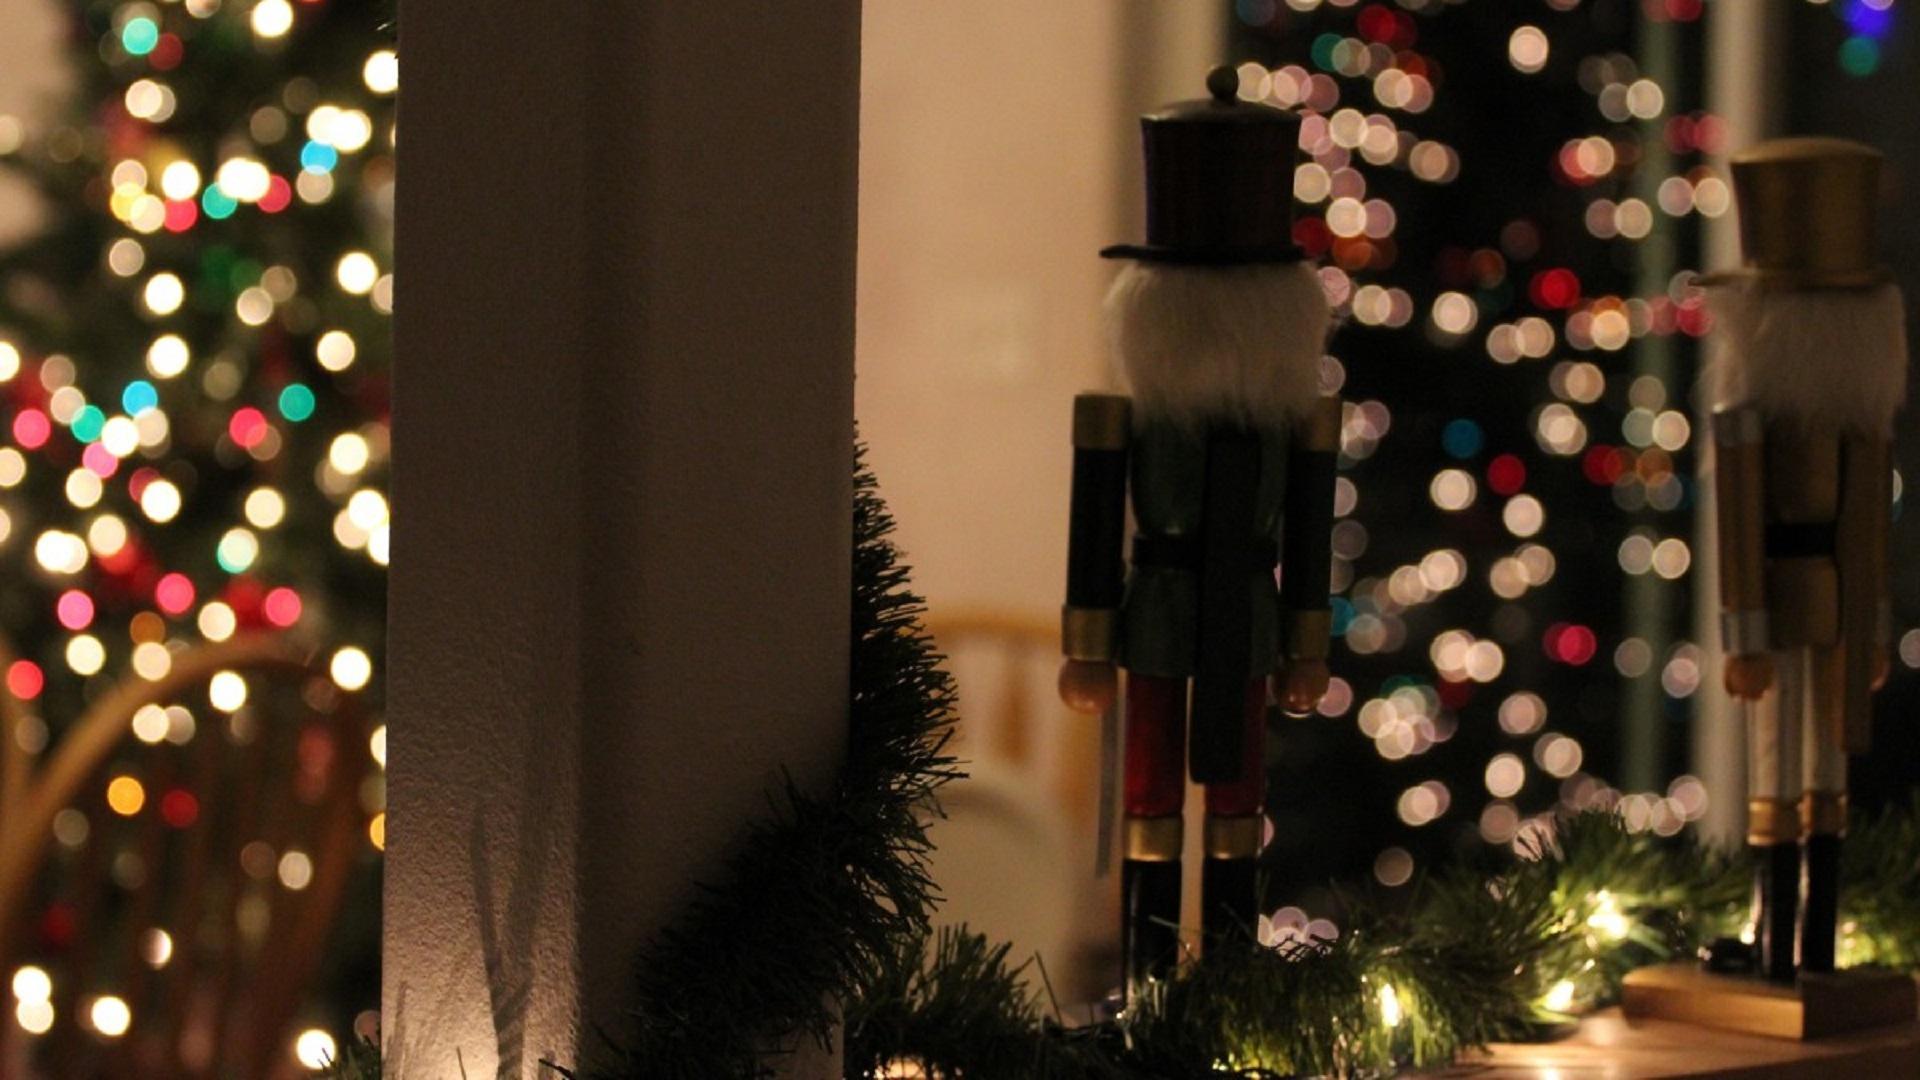 Así han decorado las influencers sus casas por Navidad